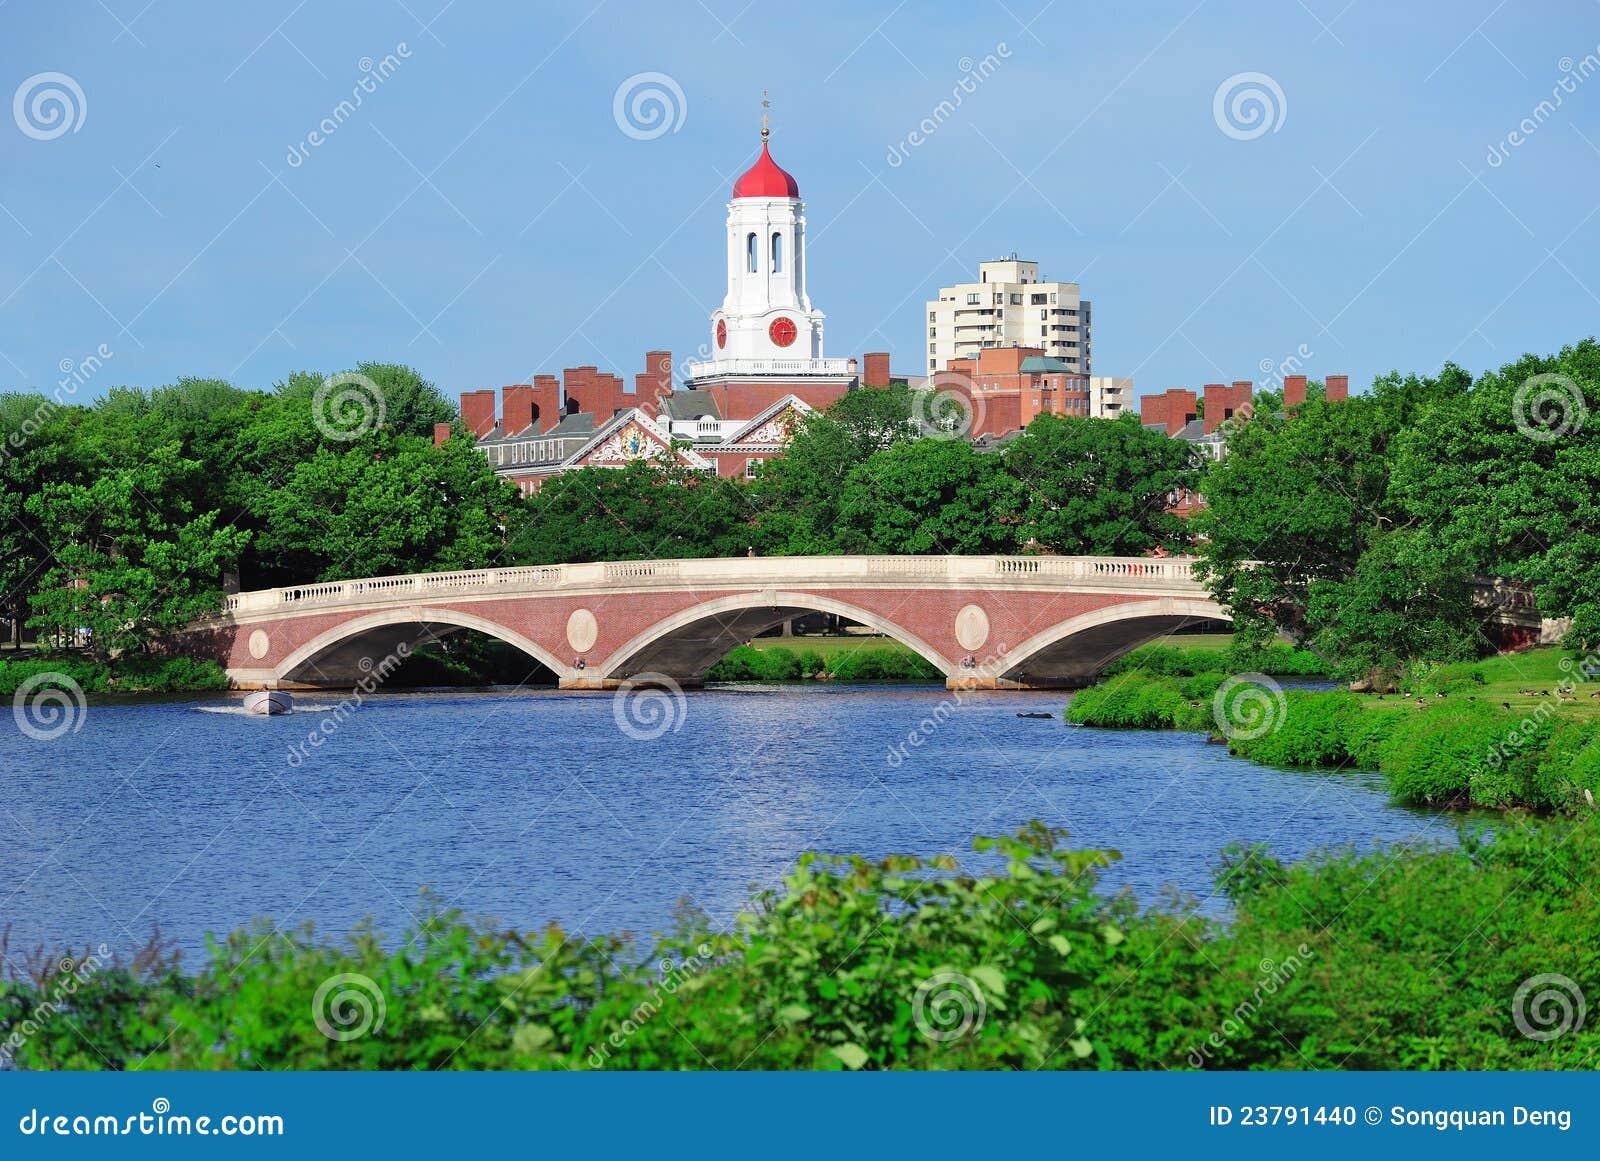 Campus de la Universidad de Harvard en Boston